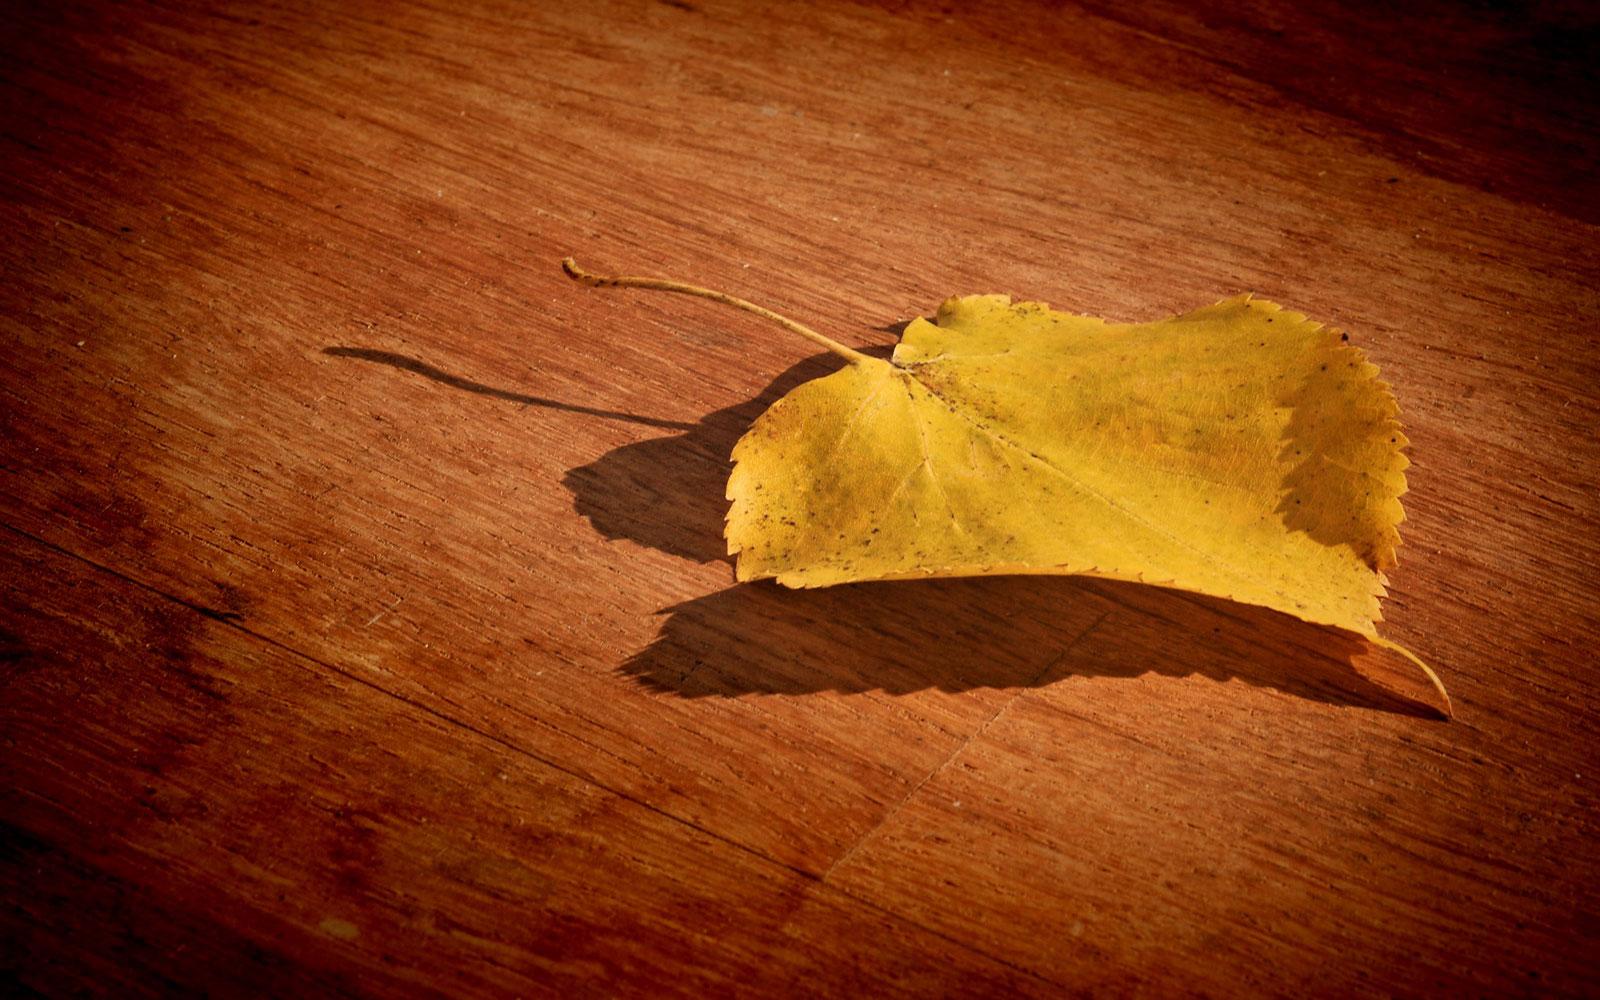 Free Fall Flower Desktop Wallpaper Leaf Wallpaper Hd Desktop Wallpapers 4k Hd